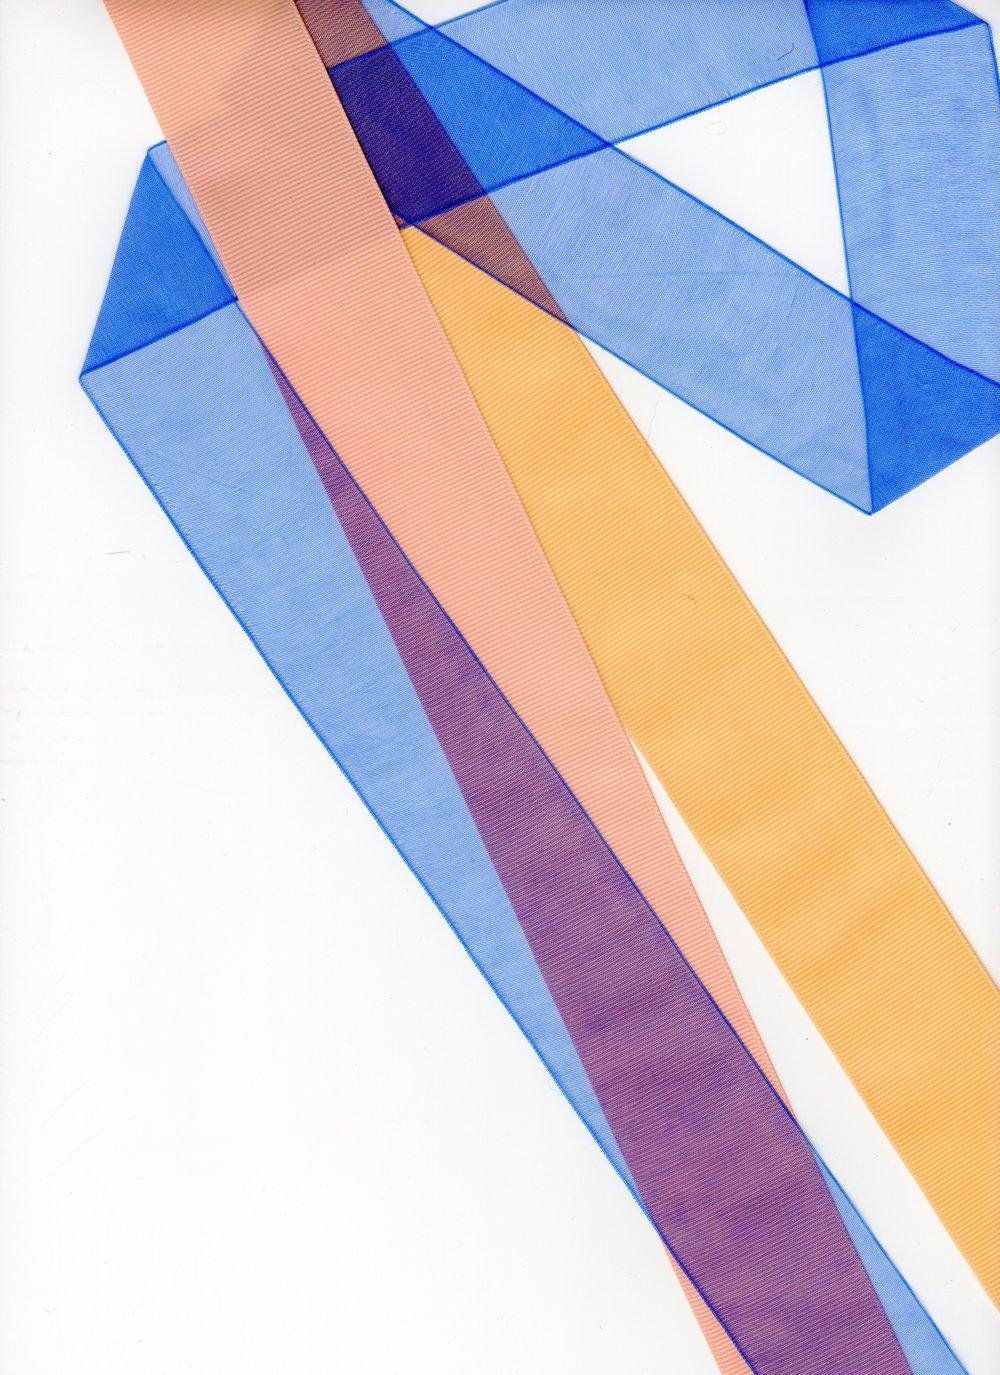 Écriture Automatique v.9 (2015-present)